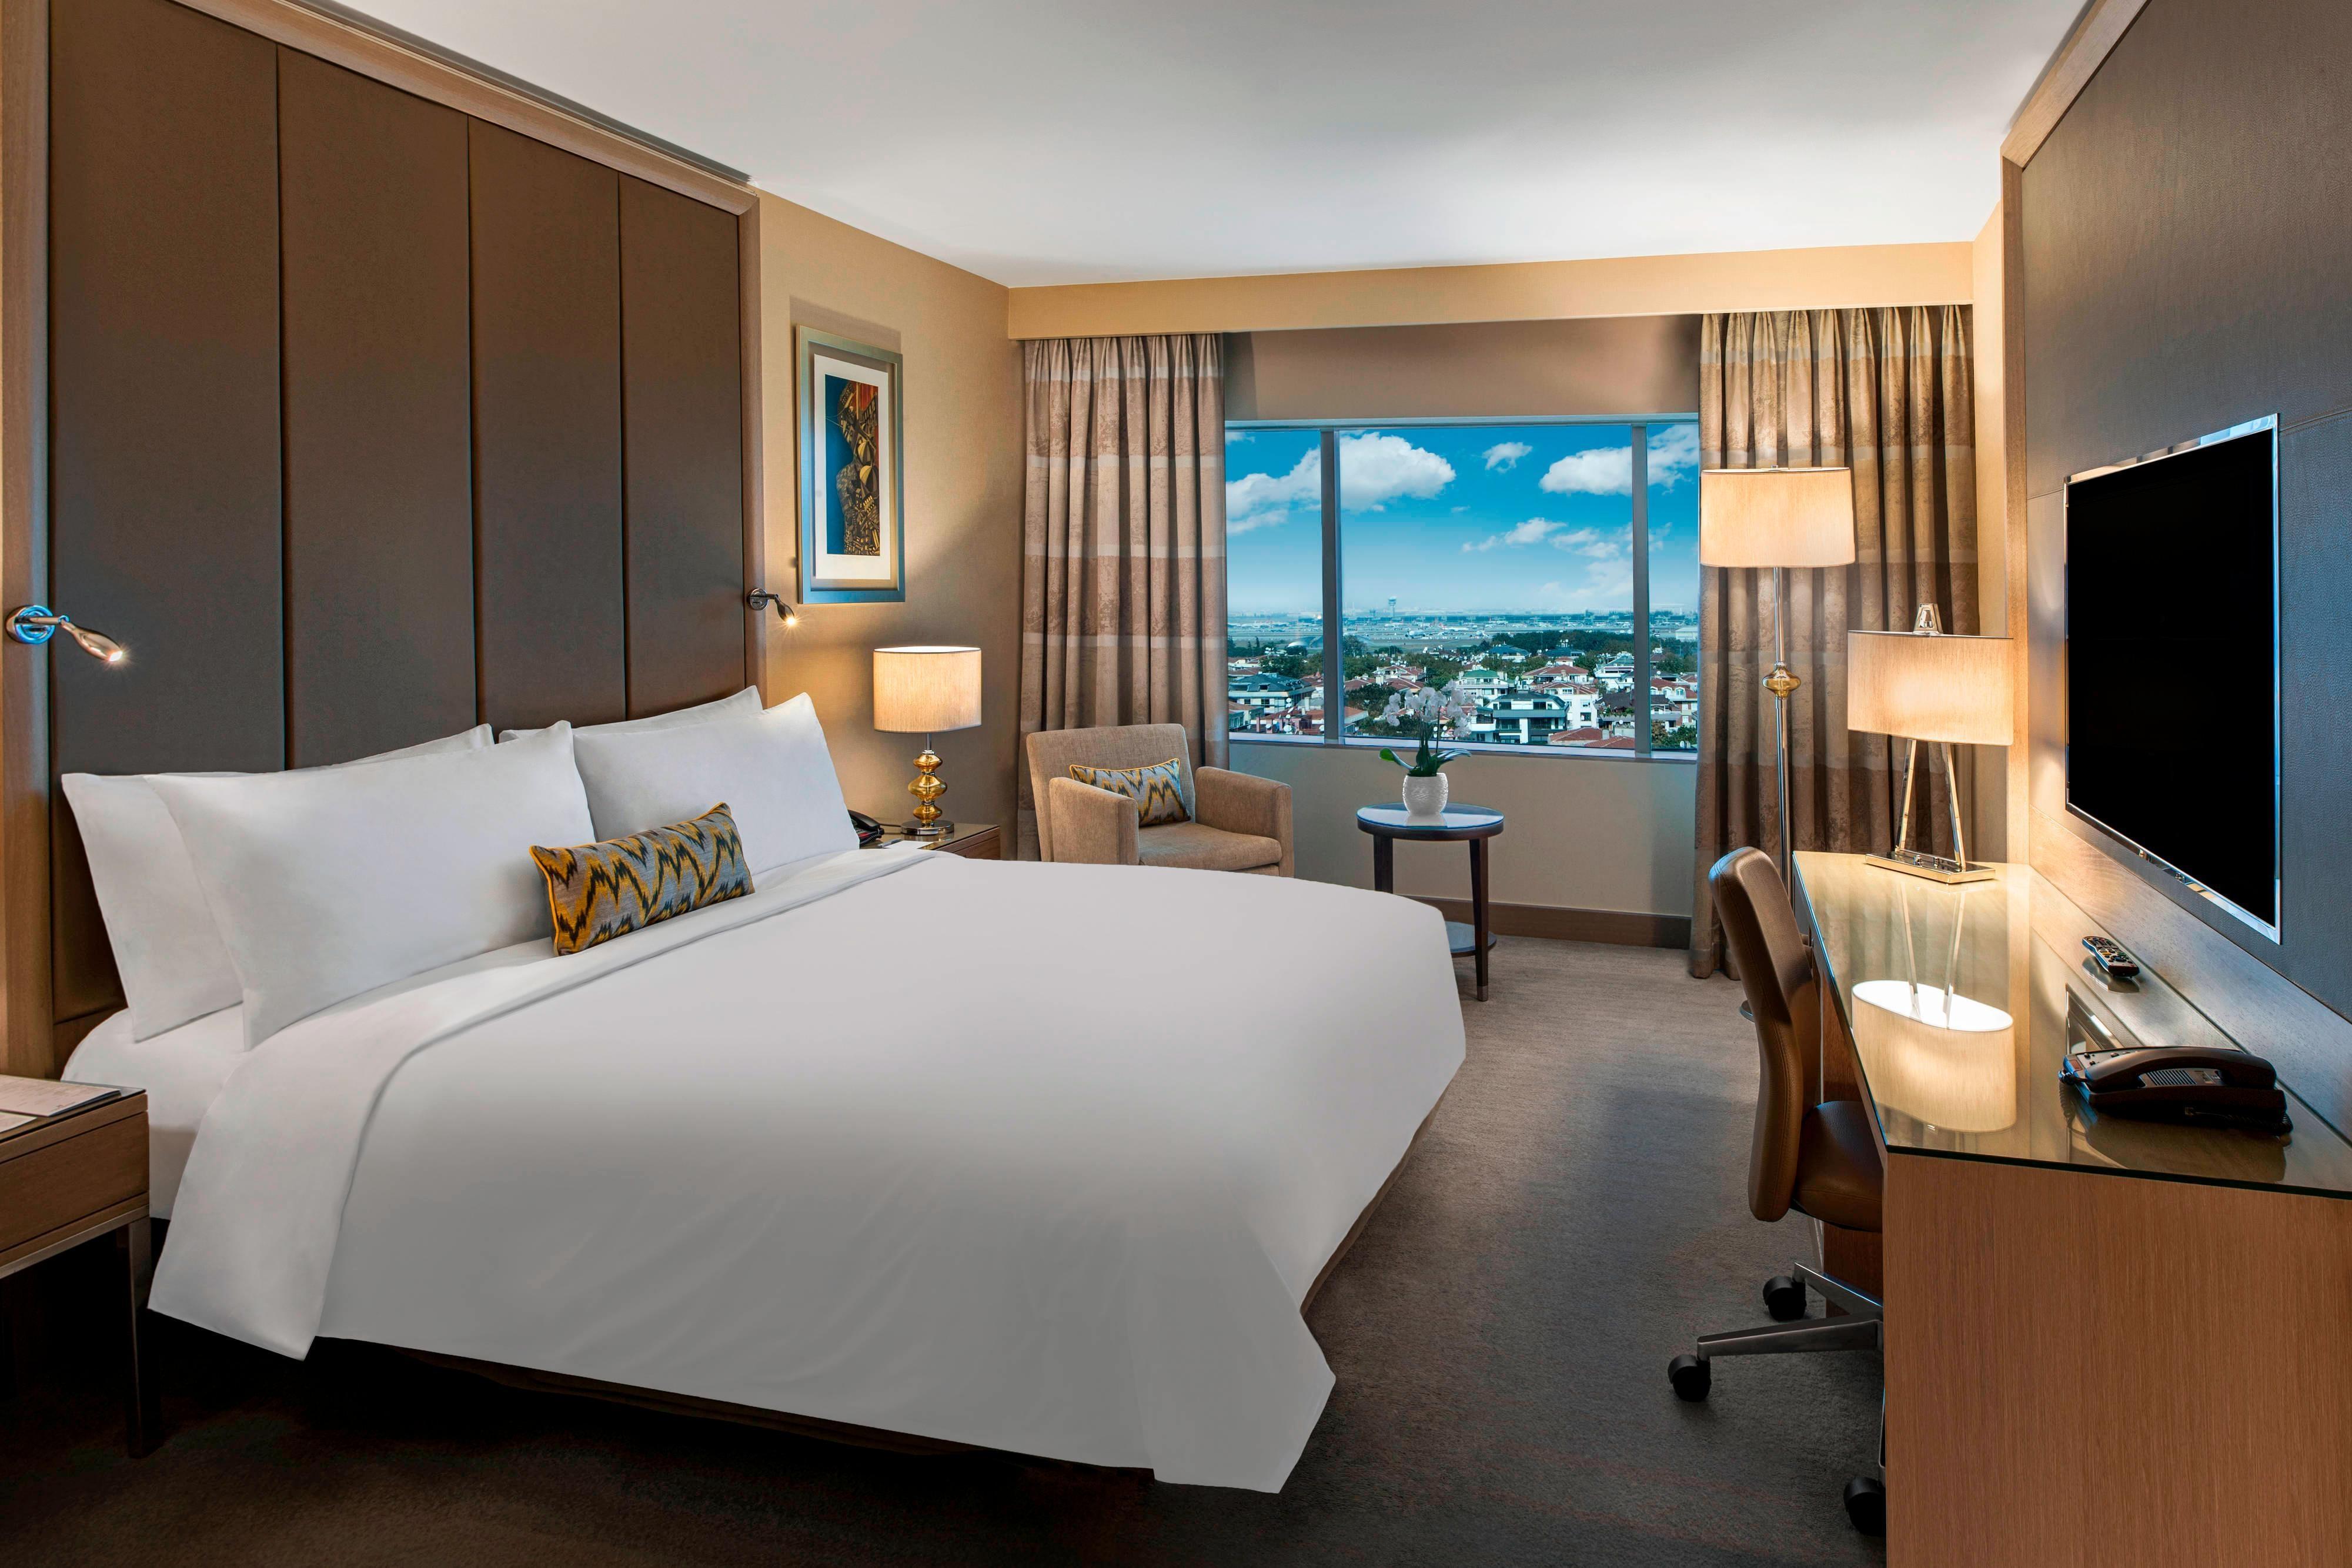 Chambre haut de gamme avec lit double-vue sur la ville